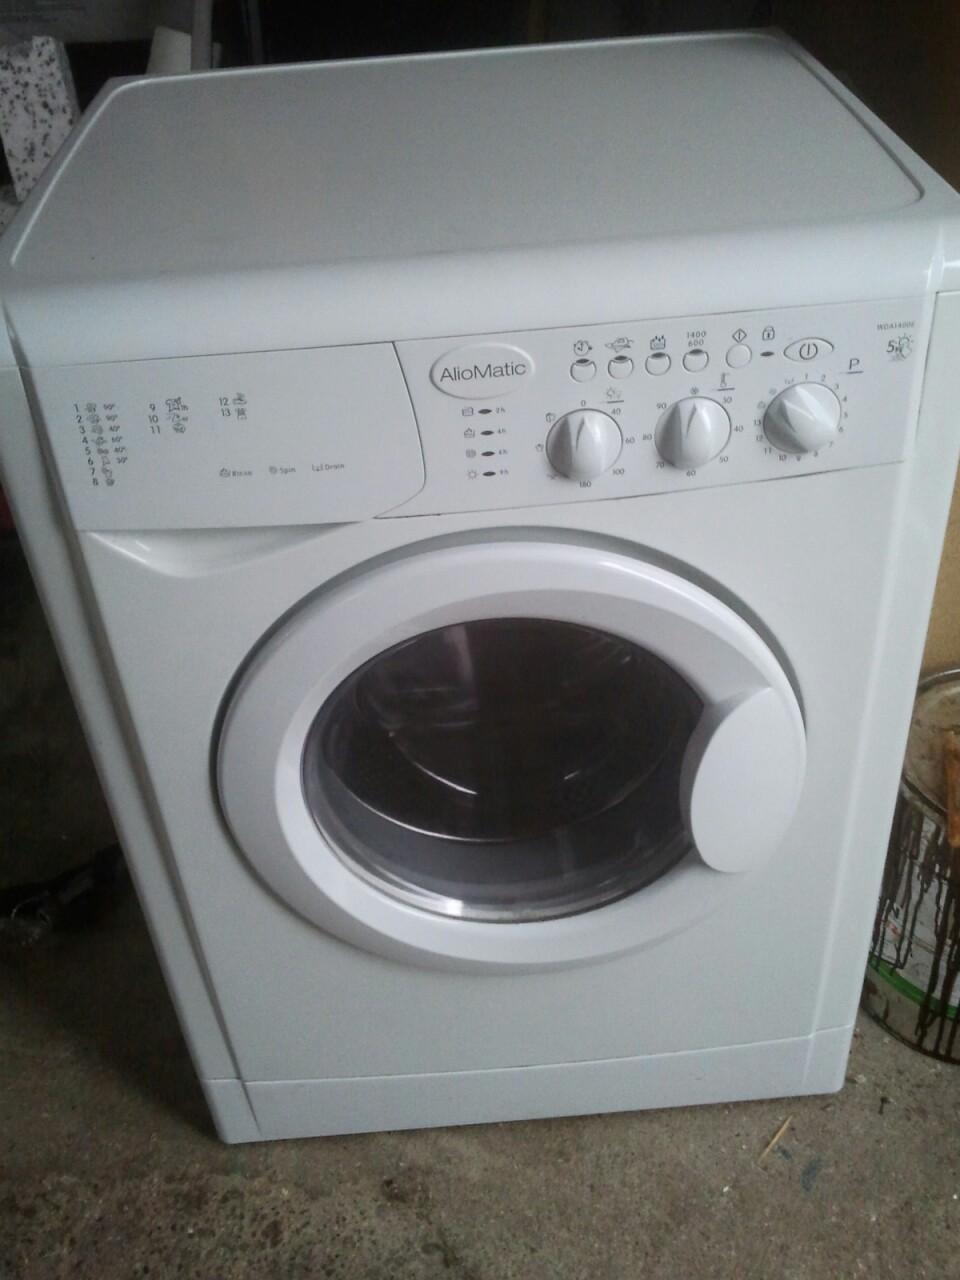 Gebraucht waschtrockner indesit wda e in scheuhub um